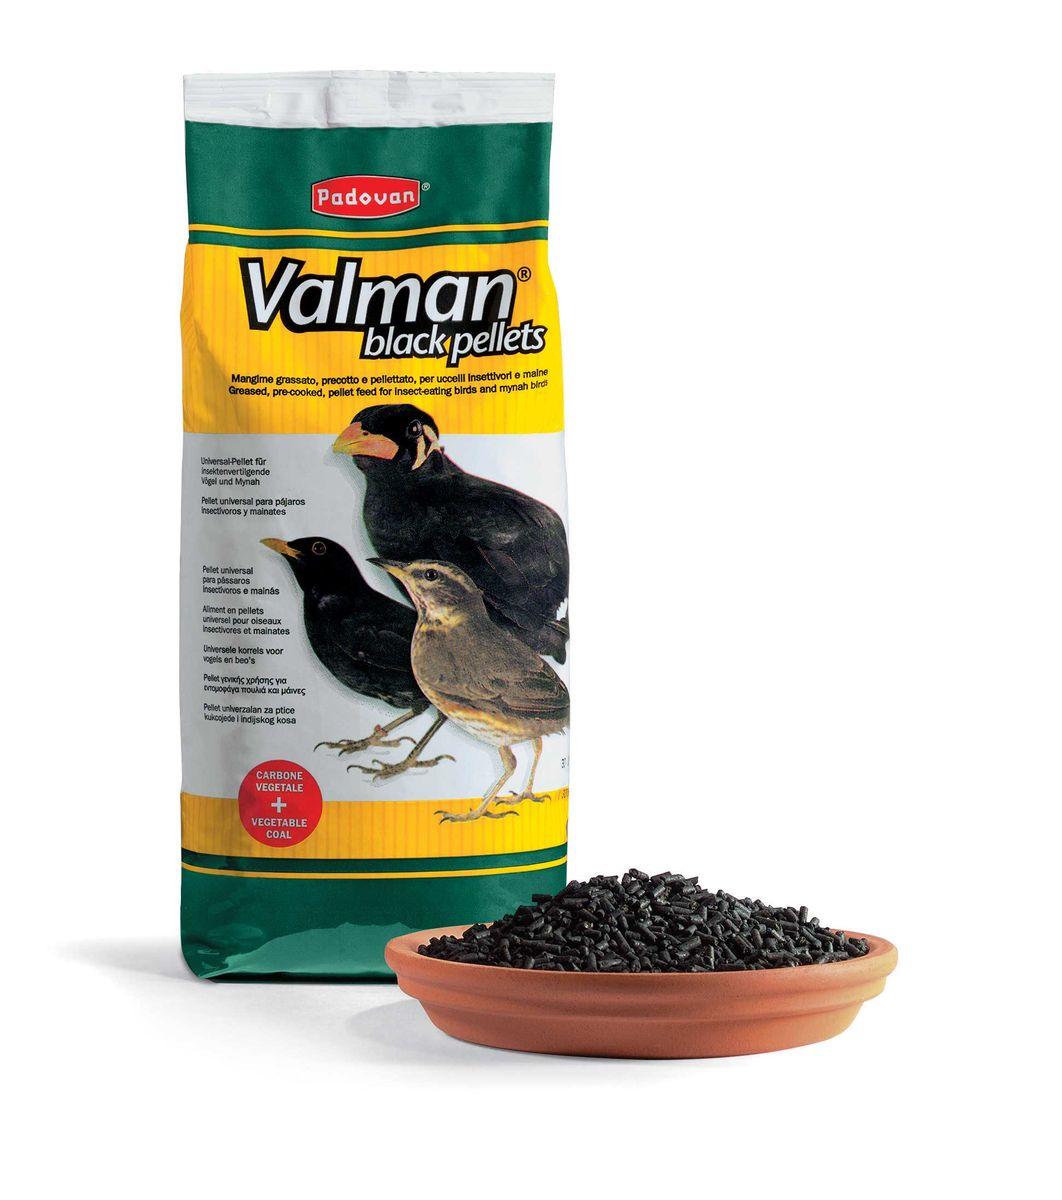 Корм Padovan Valman black pellets, дополнительный, для насекомоядных птиц, с активированным углем и овощами, 1 кг10025Дополнительный, с повышенным содержанием масел, обжаренный и очищенный корм Padovan Valman black pellets с древесным углем, обогащен витаминами и аминокислотами. Корм предназначен для плодоядных и насекомоядных птиц.Особое покрытие гранул улучшает пищеварение и уменьшает запах экскрементов.Состав: растительная мука: кукуруза, ячмень, соя, пшеница, подсолнечник, изюм, можжевеловые ягоды, яблоко, лярд (свиное сало), конопляные семя (1.78%), мед, растительное масло, натуральные вкусовые добавки, антиоксиданты, консерванты, витамины, DL-метионин, L- лизин.Товар сертифицирован.